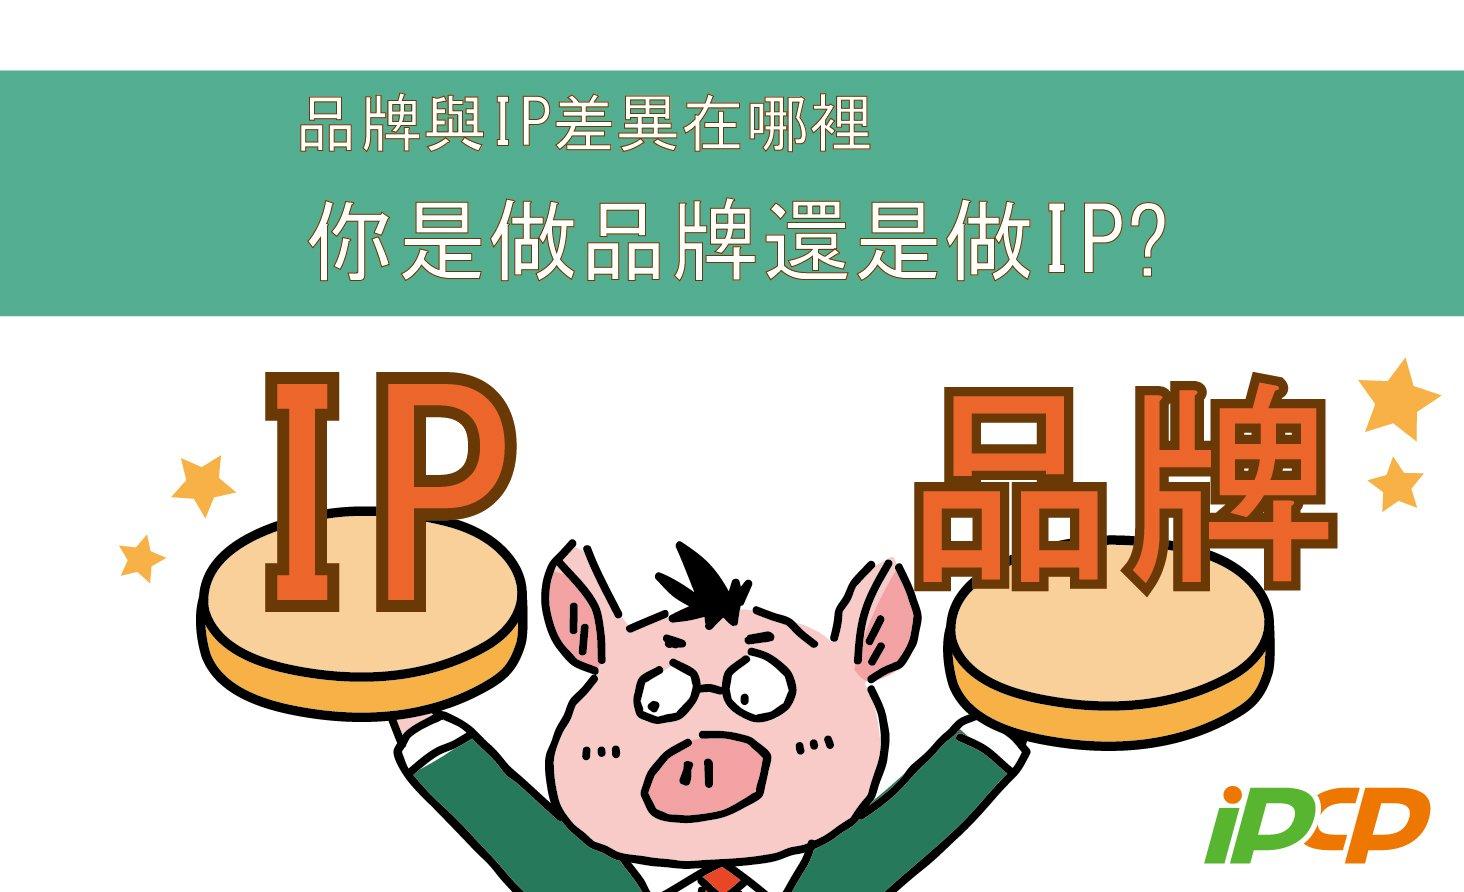 你是做品牌,還是做IP? 品牌與IP差異在哪裡